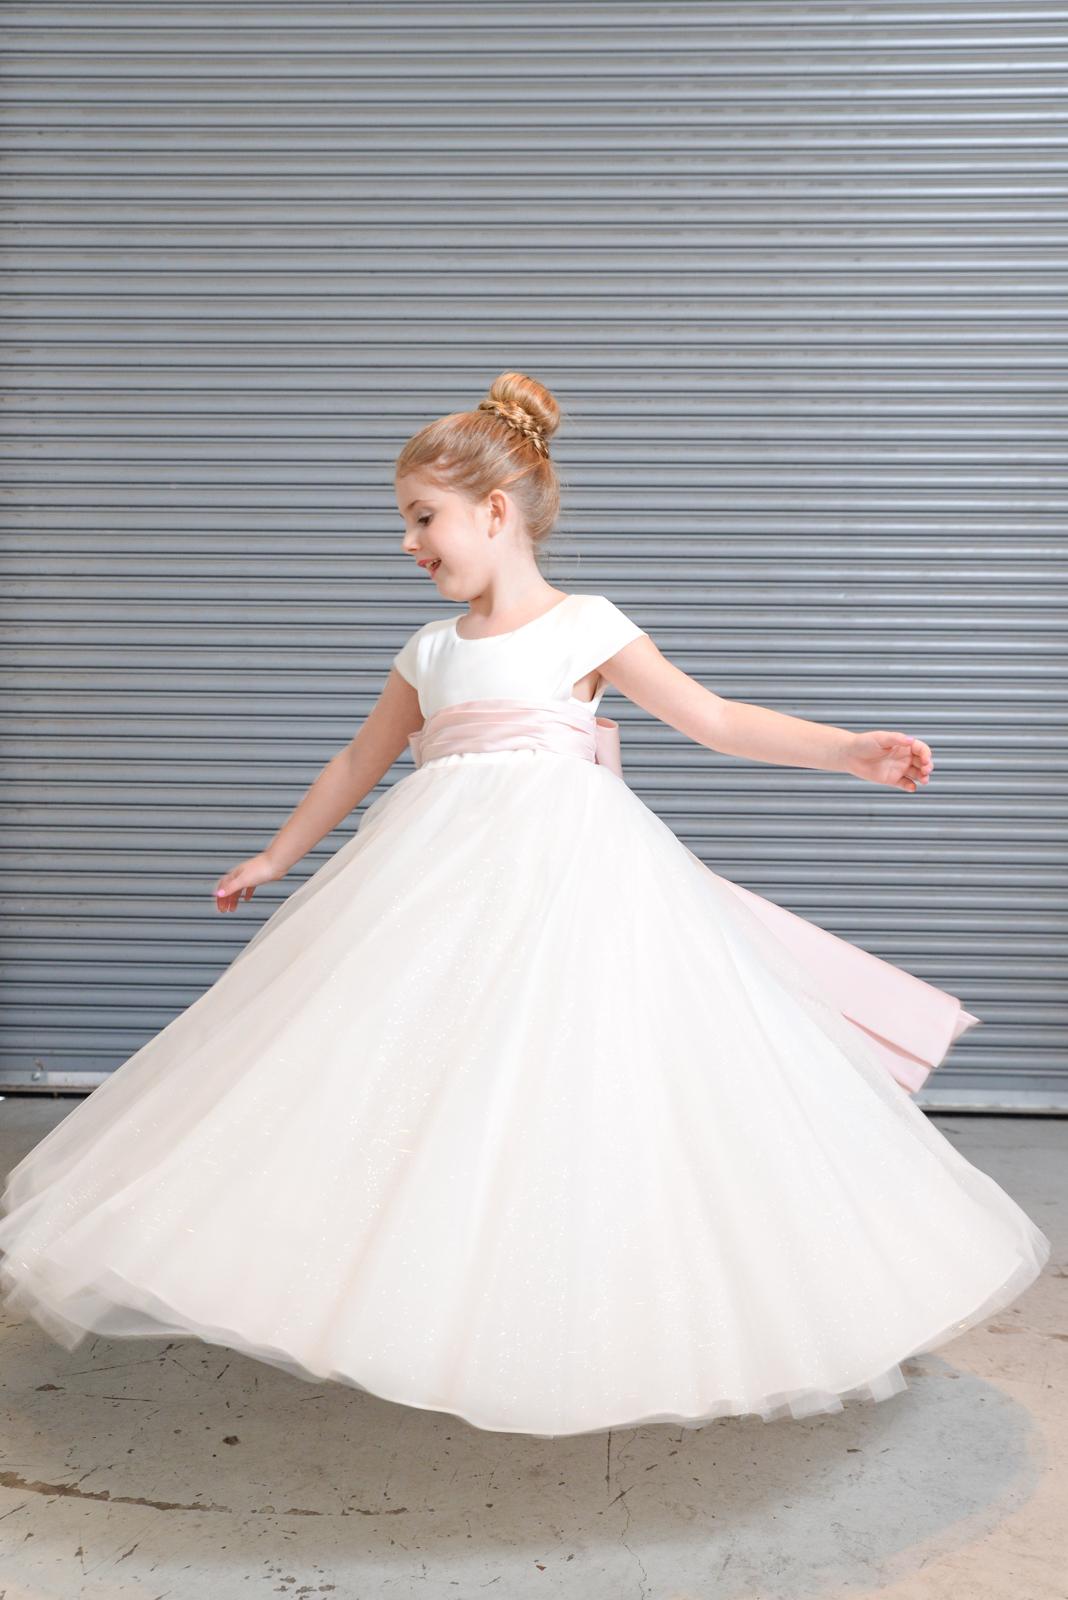 Stephanie Ray Wedding PhotographyDSC_7154.jpg